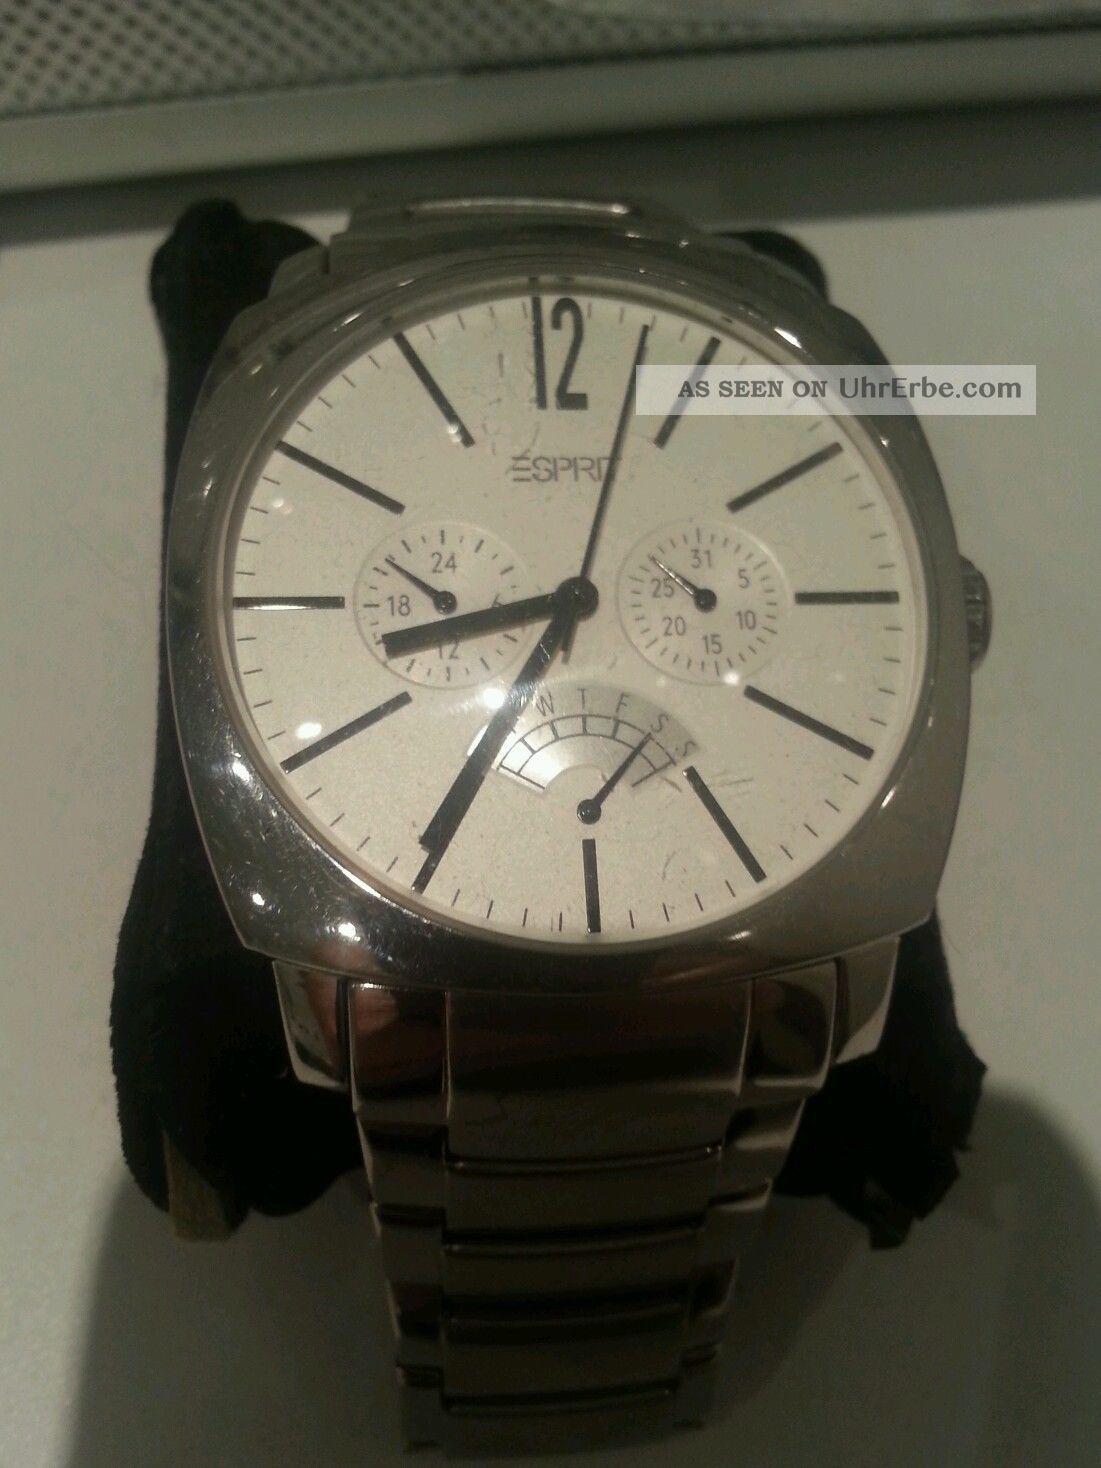 Esprit Herren Uhr Weiss Edelstahl Armbanduhren Bild